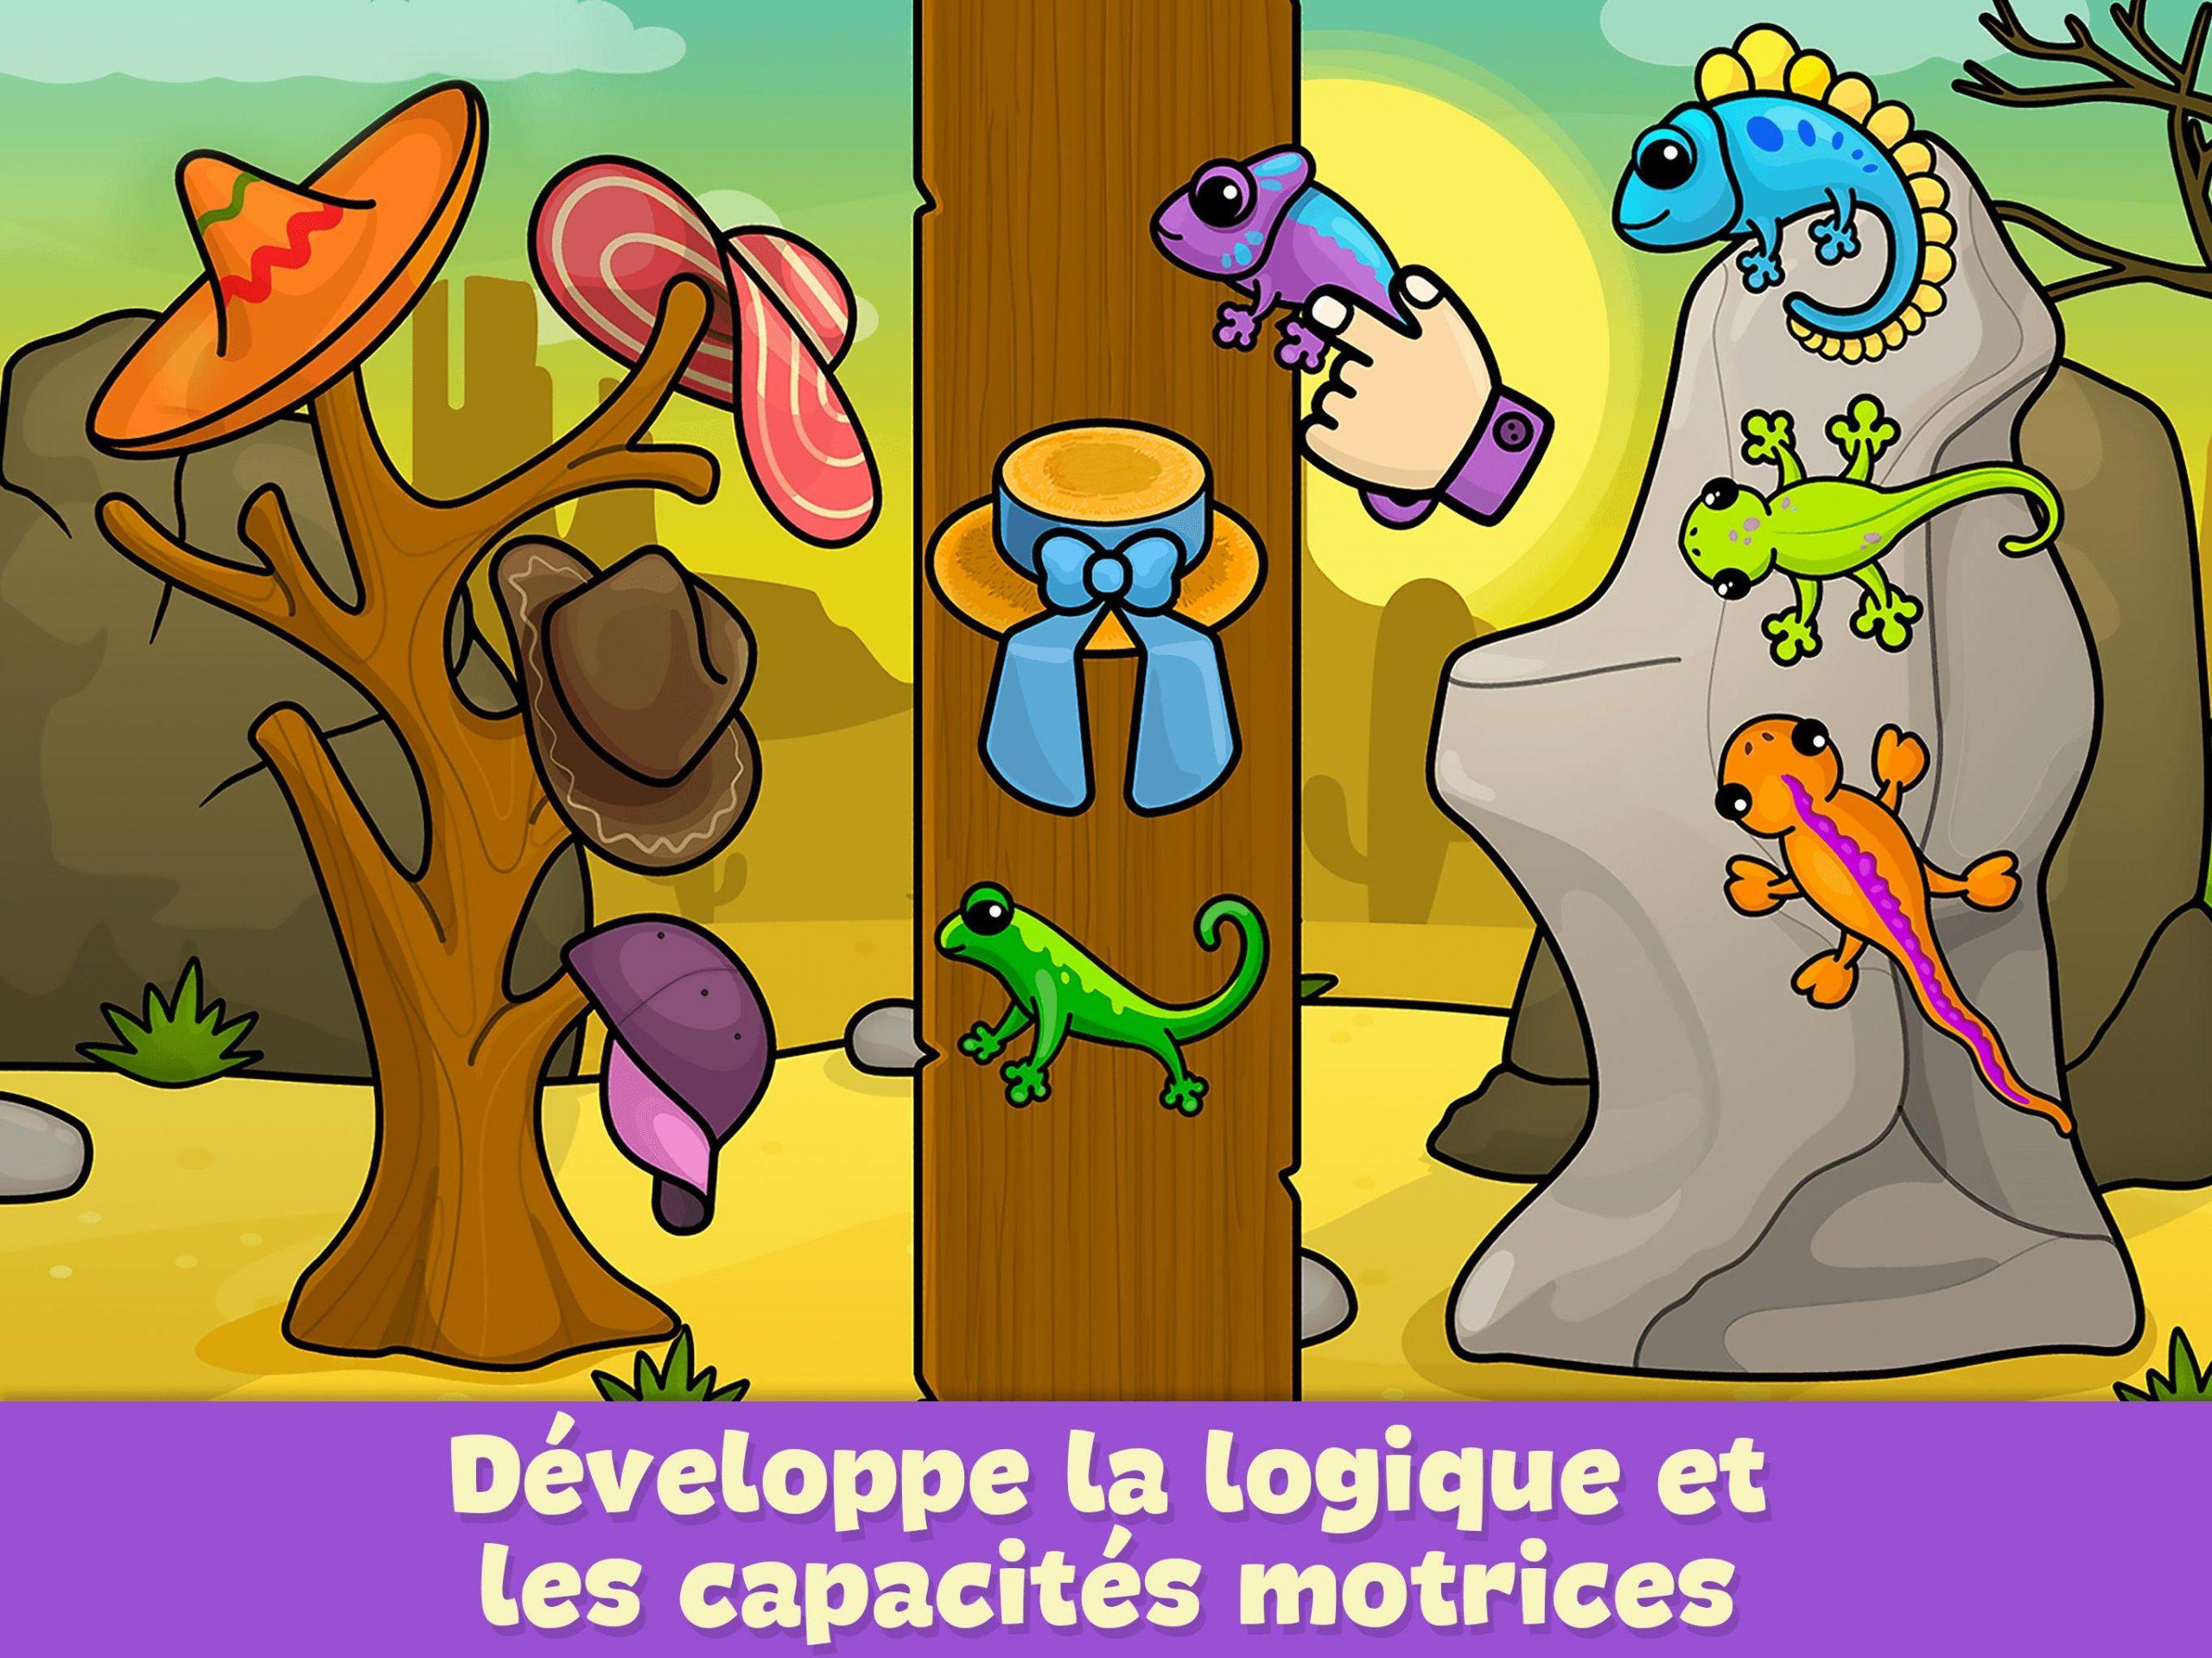 Jeux Pour Enfants 2 - 5 Ans Pour Android - Téléchargez L'apk à Jeux De Fille 4 Ans Gratuit